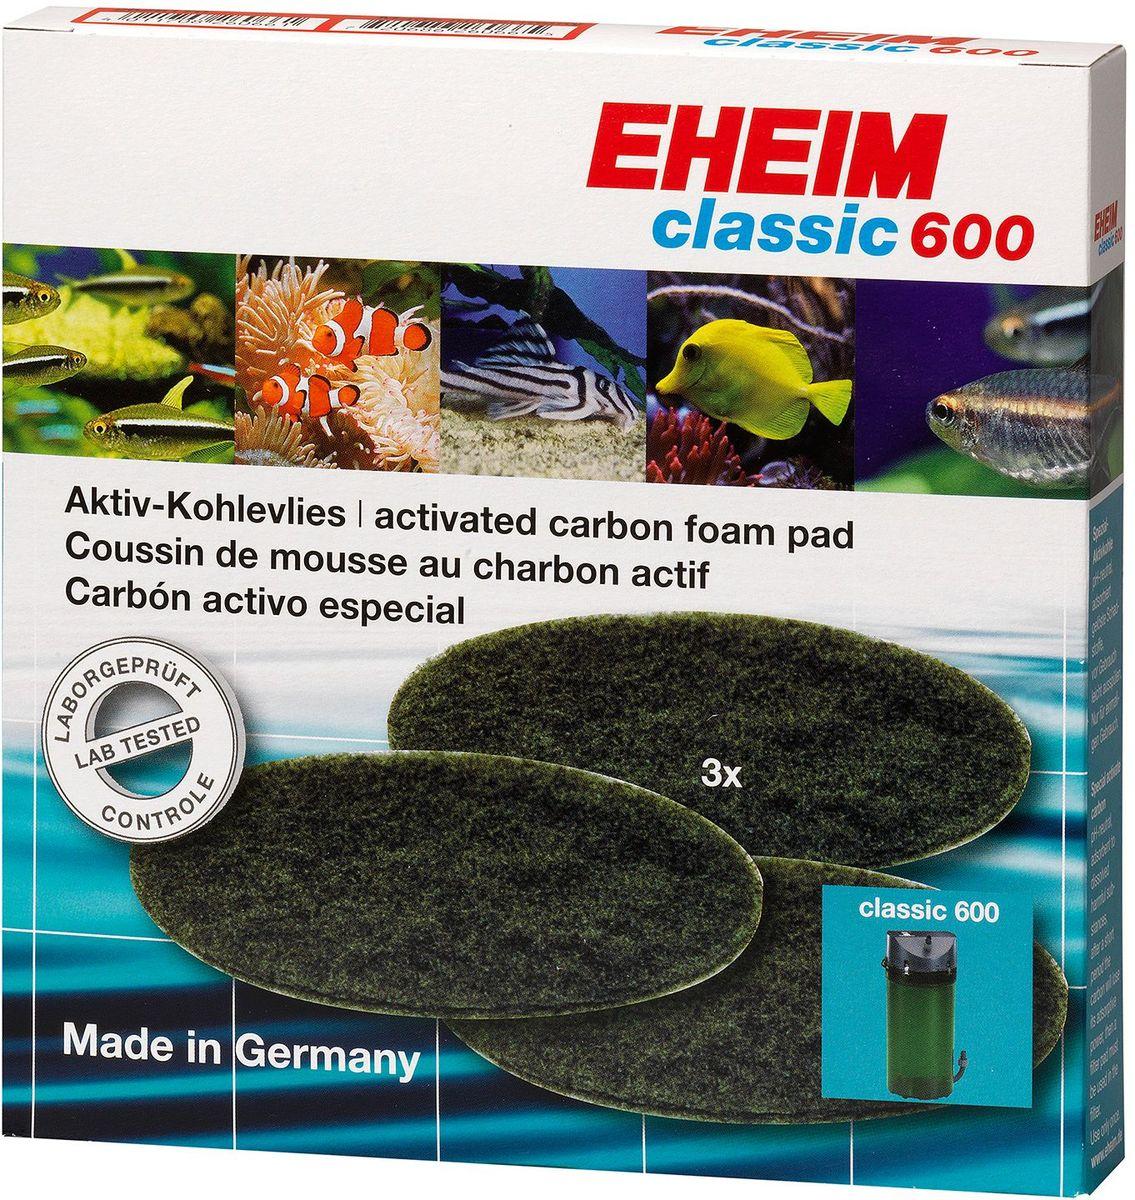 Наполнитель для фильтра Eheim Classic 600, угольный, 3 шт наполнитель для фильтра eheim experience 150 250 угольный 3 шт